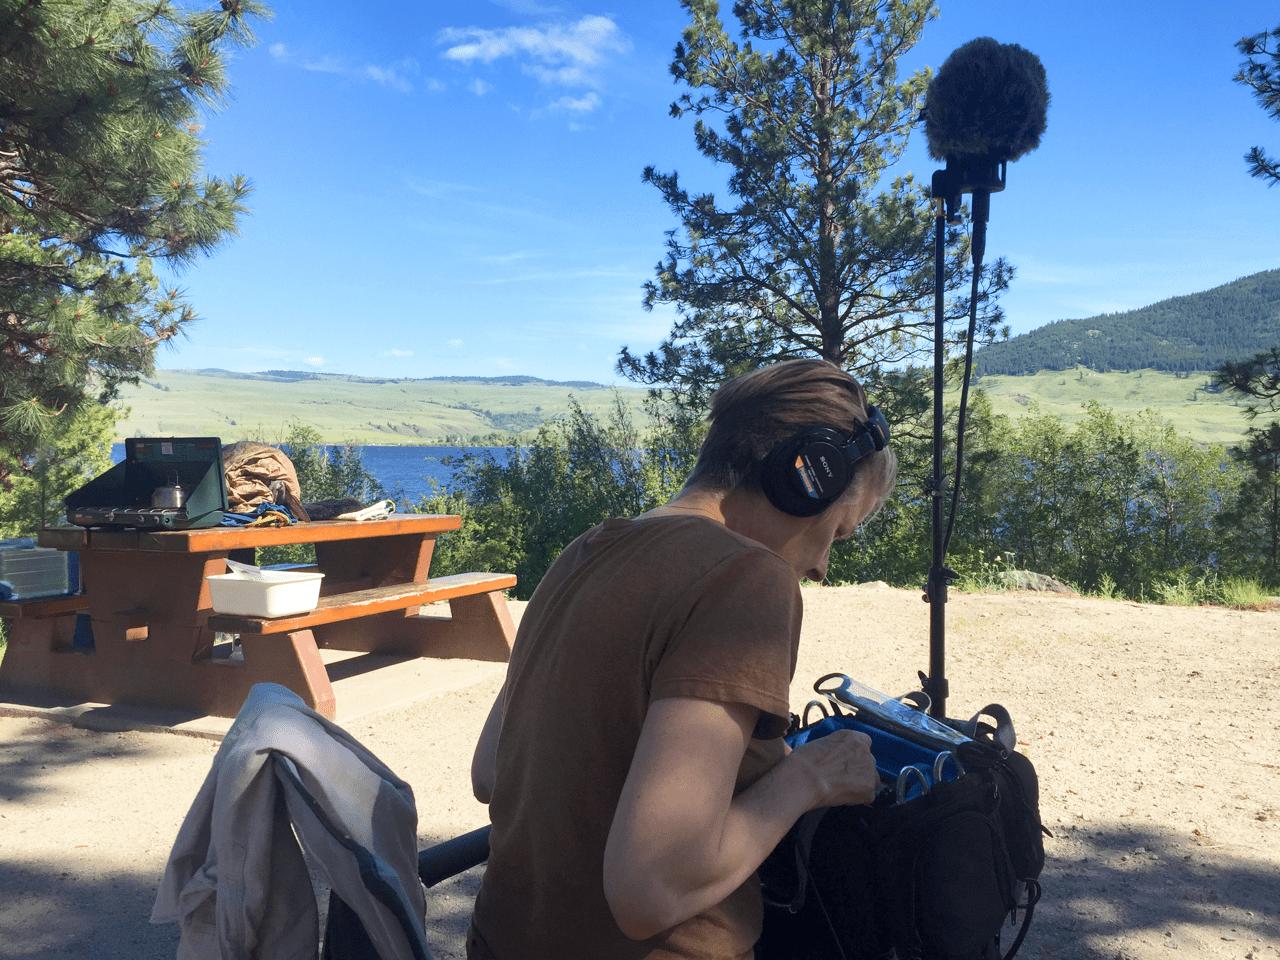 Julie Andreyev recording in nature